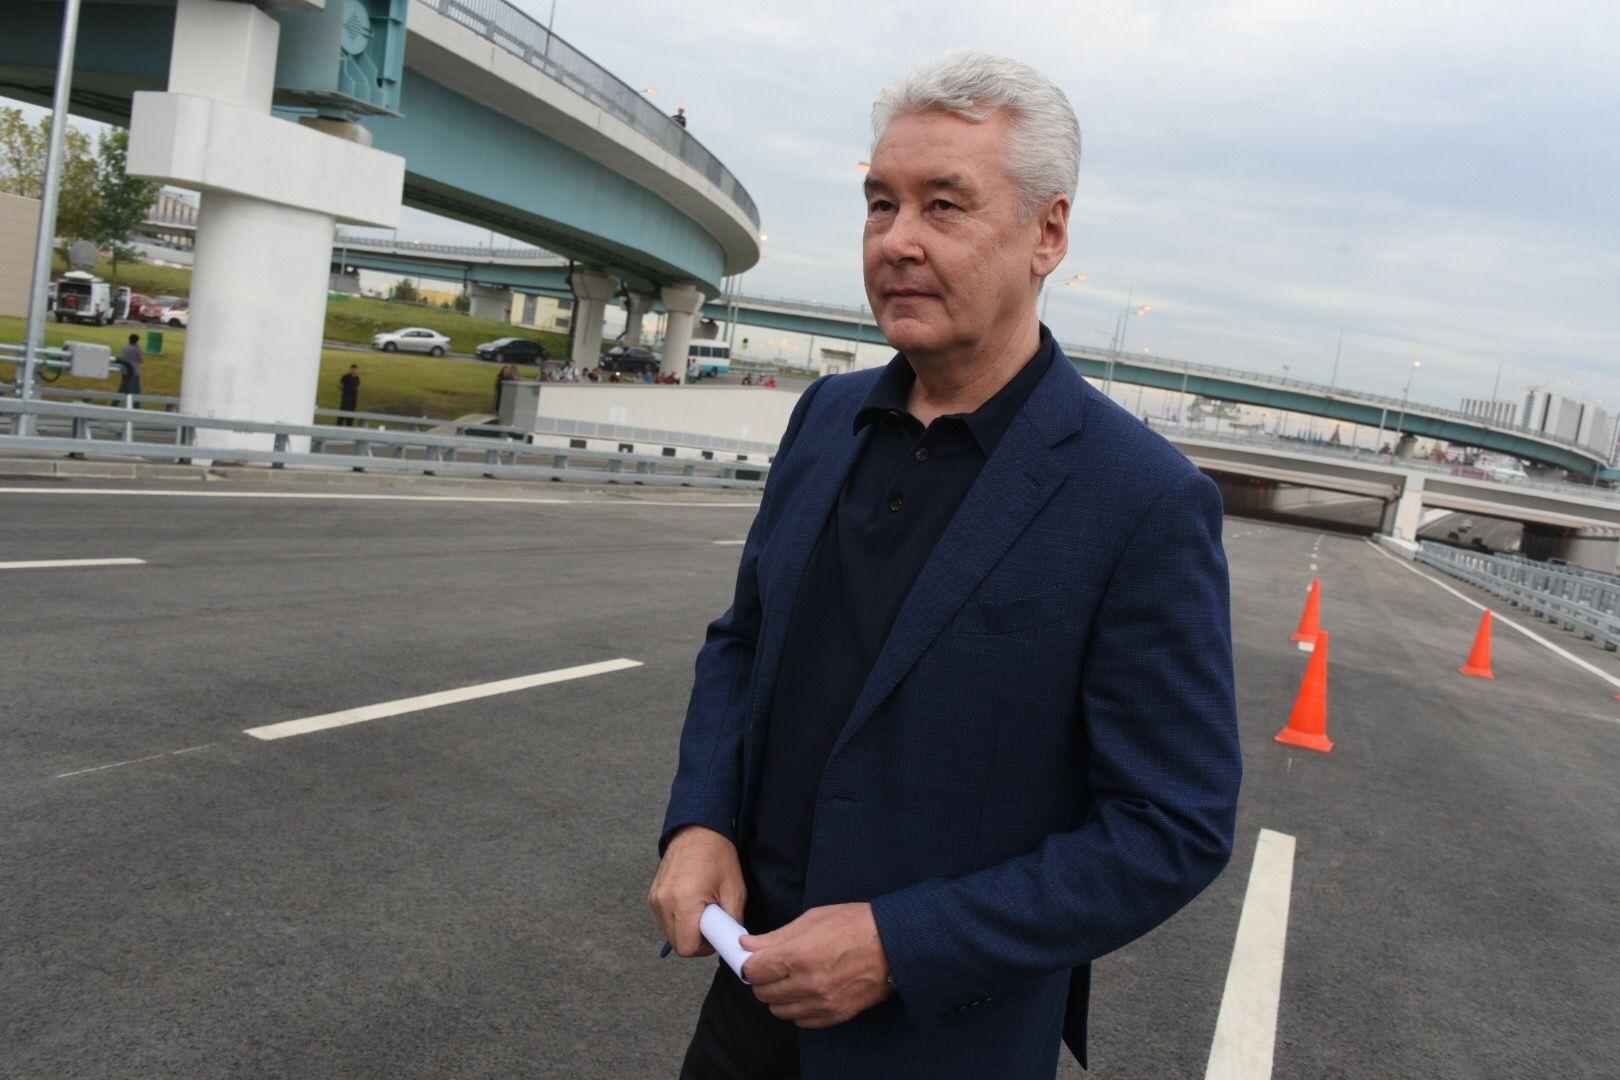 Сергей Собянин открыл развязку МКАД с Бесединским шоссе на юге Москвы